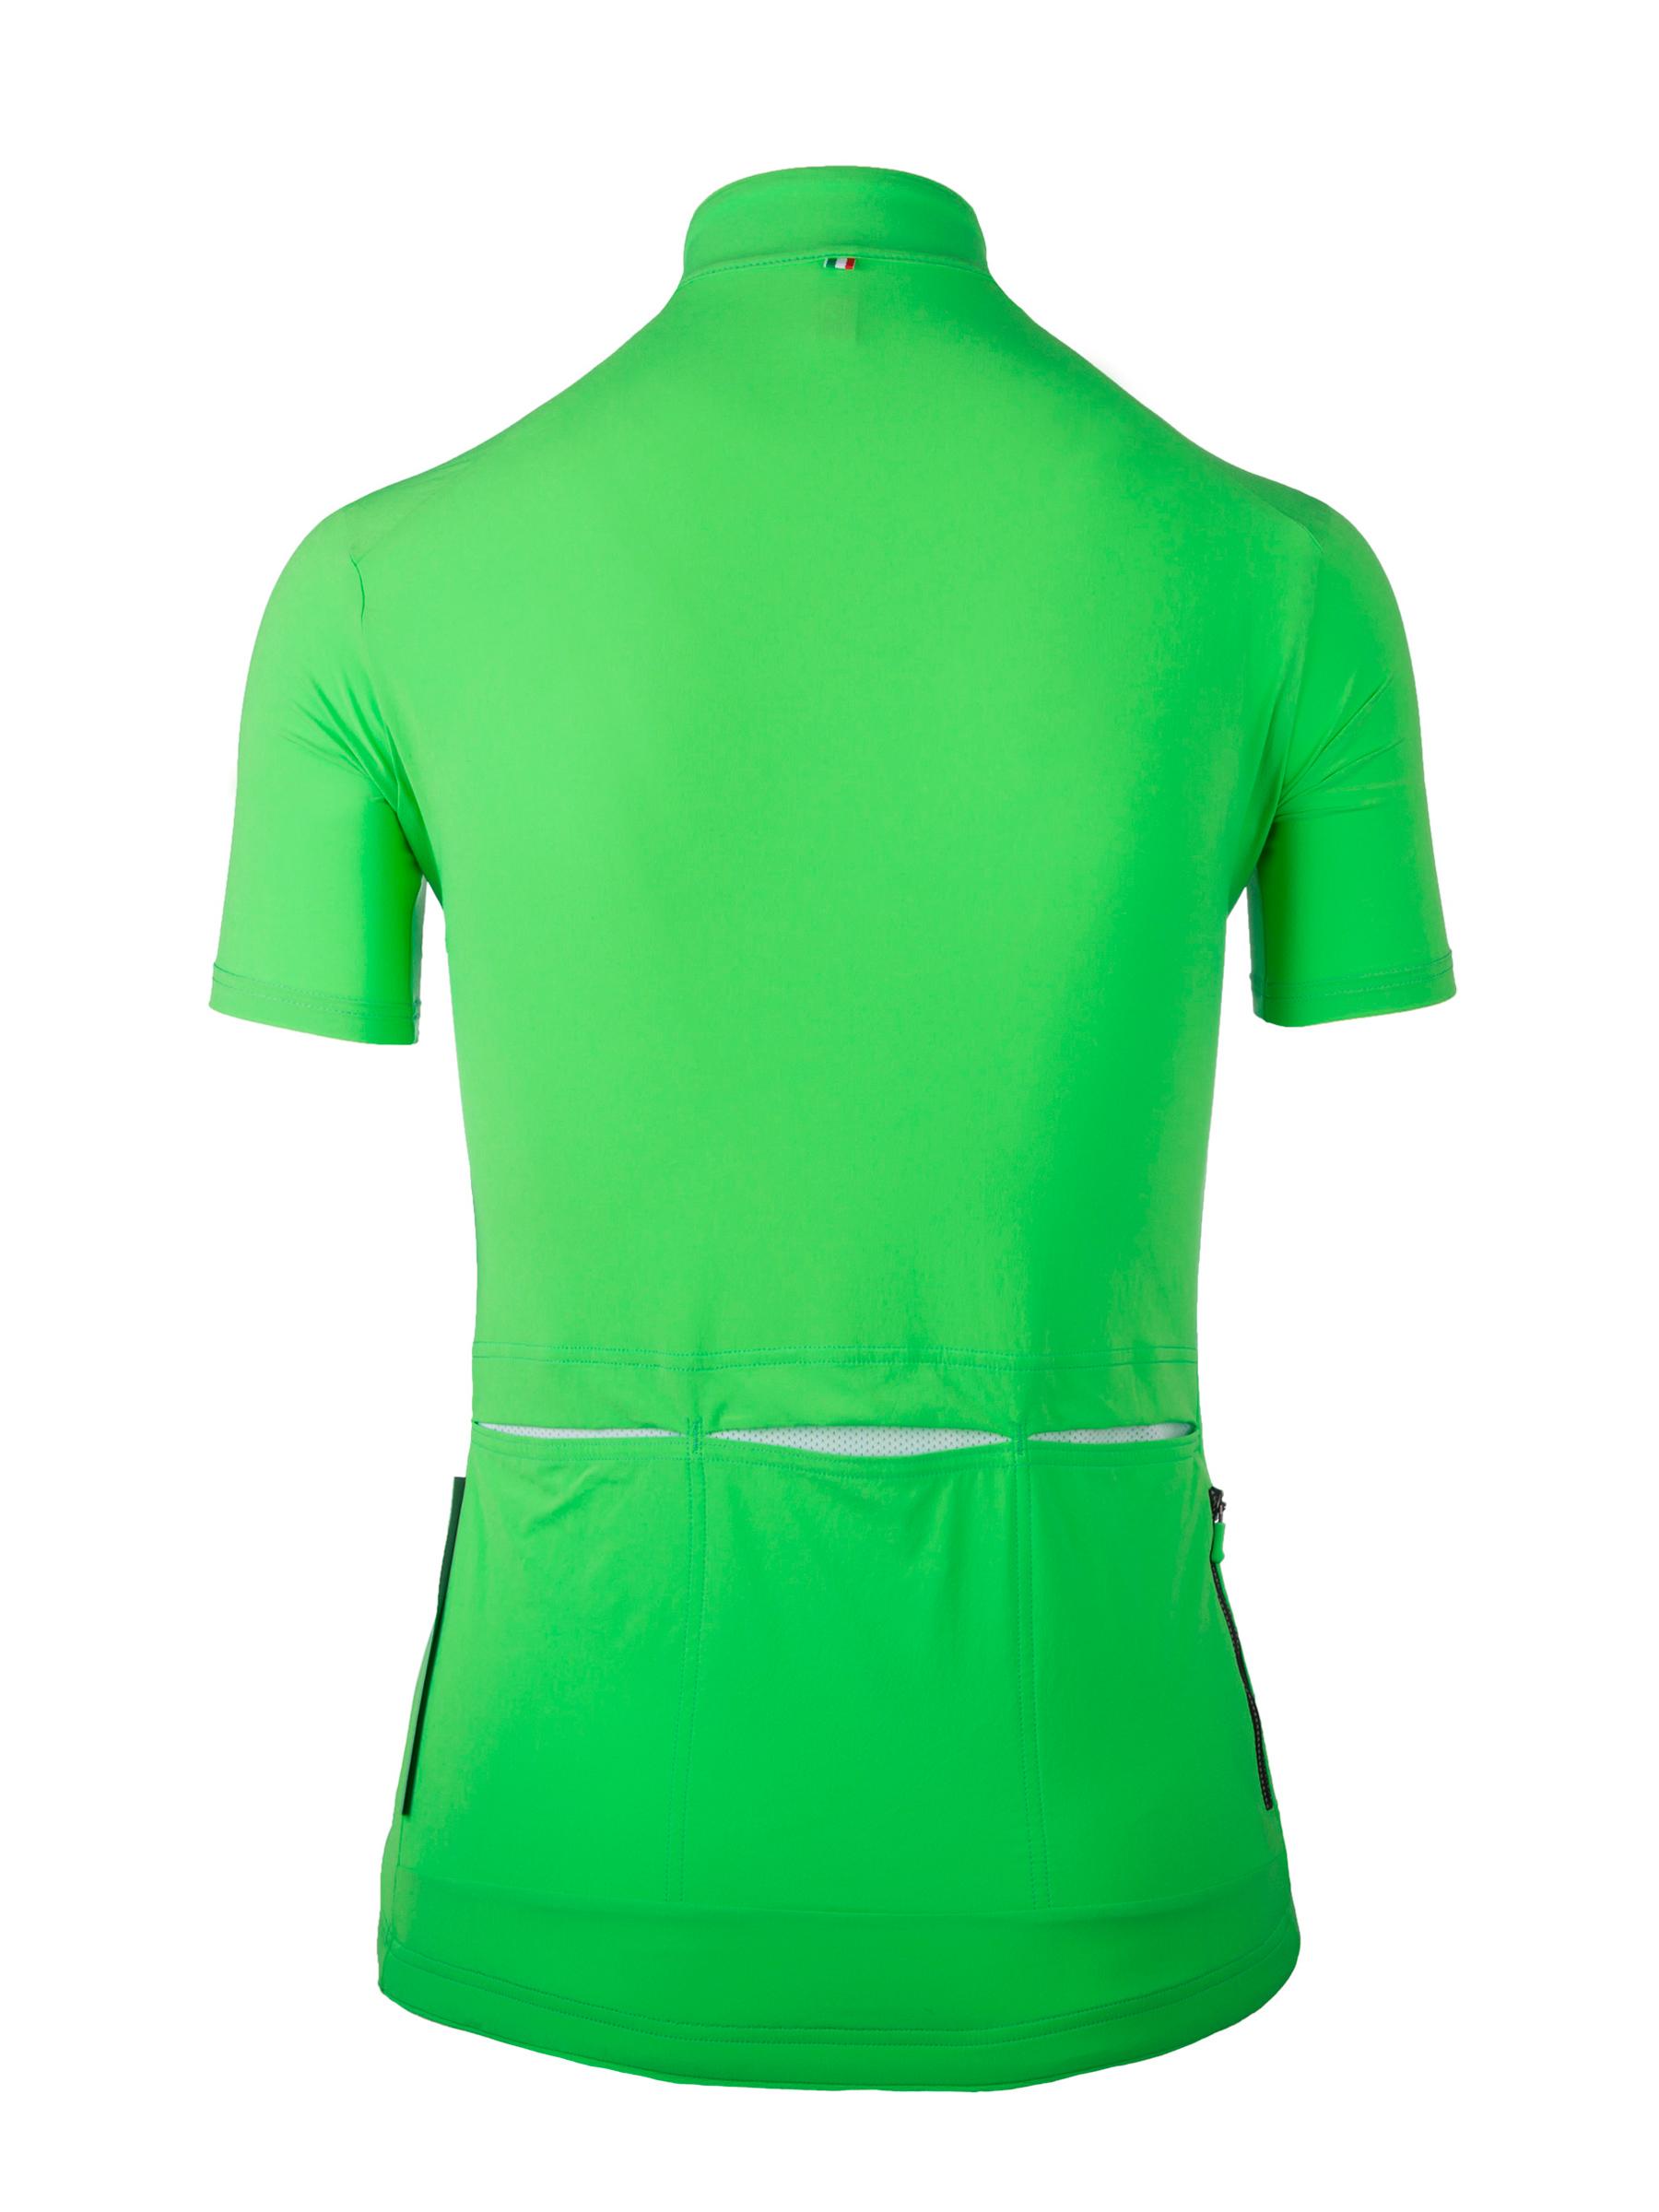 Jersey short sleeve L1 Lady